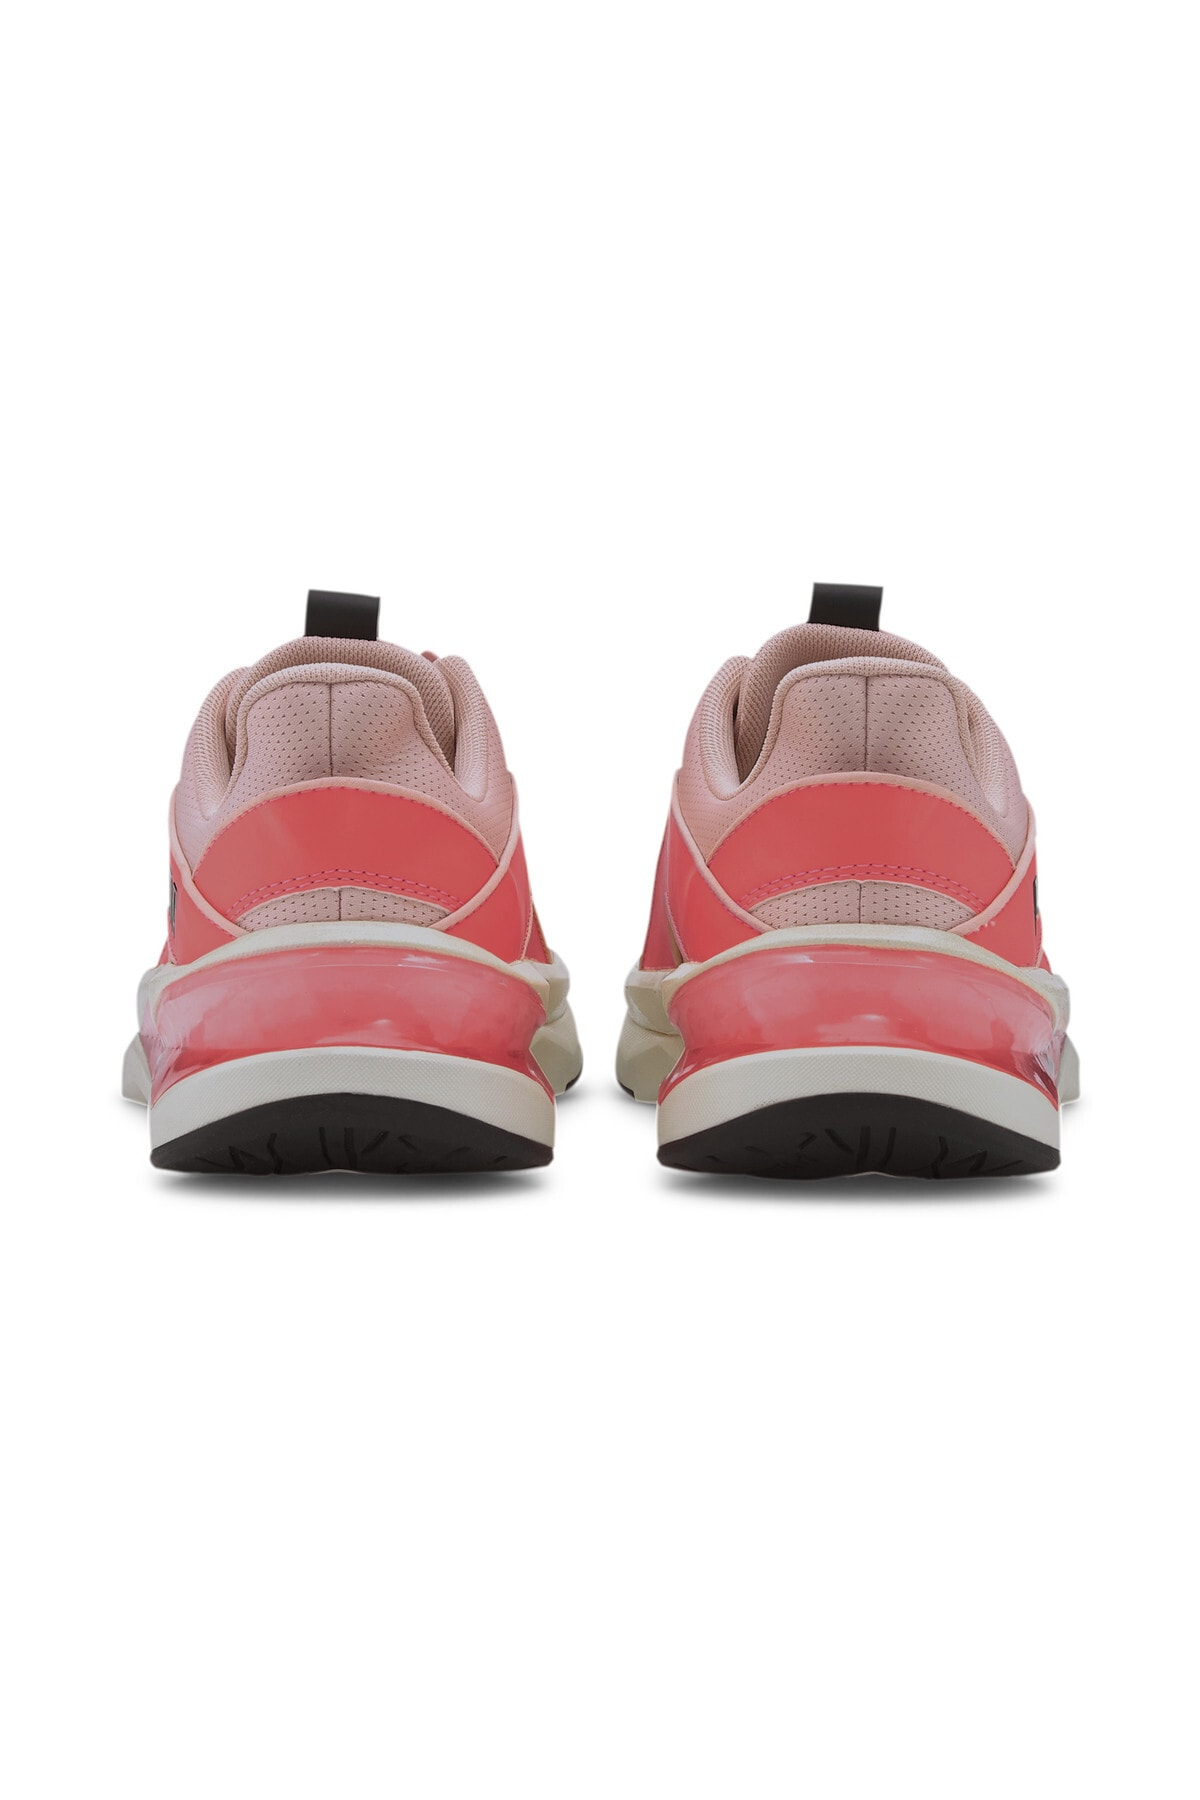 Puma LQDCELL SHATTER XT GEO PE Pembe Kadın Sneaker Ayakkabı 101119152 3